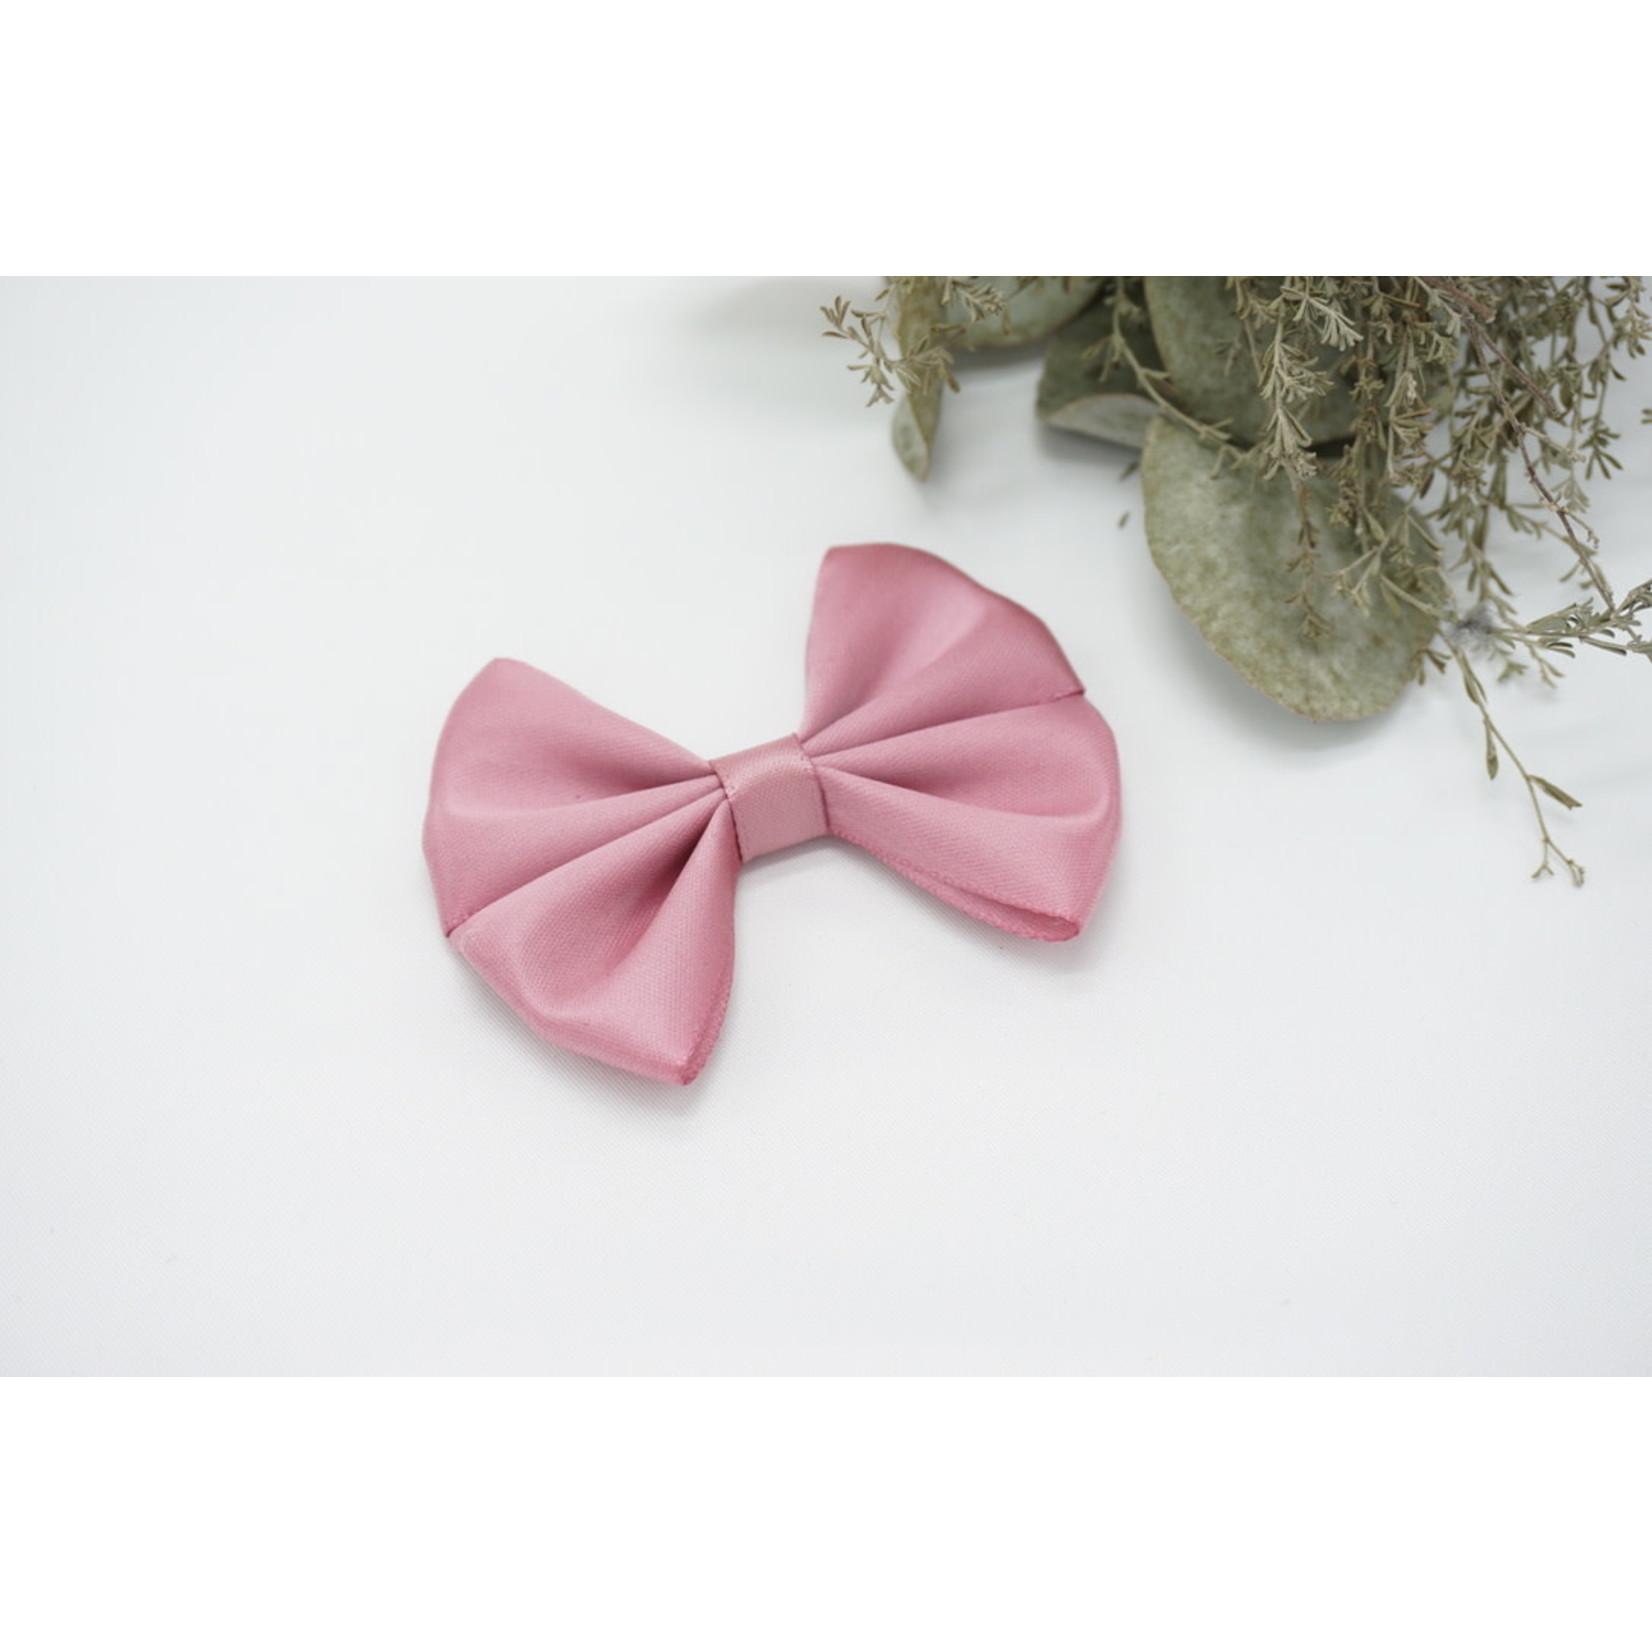 Petite Zara Satin Bow - Dusty Pink